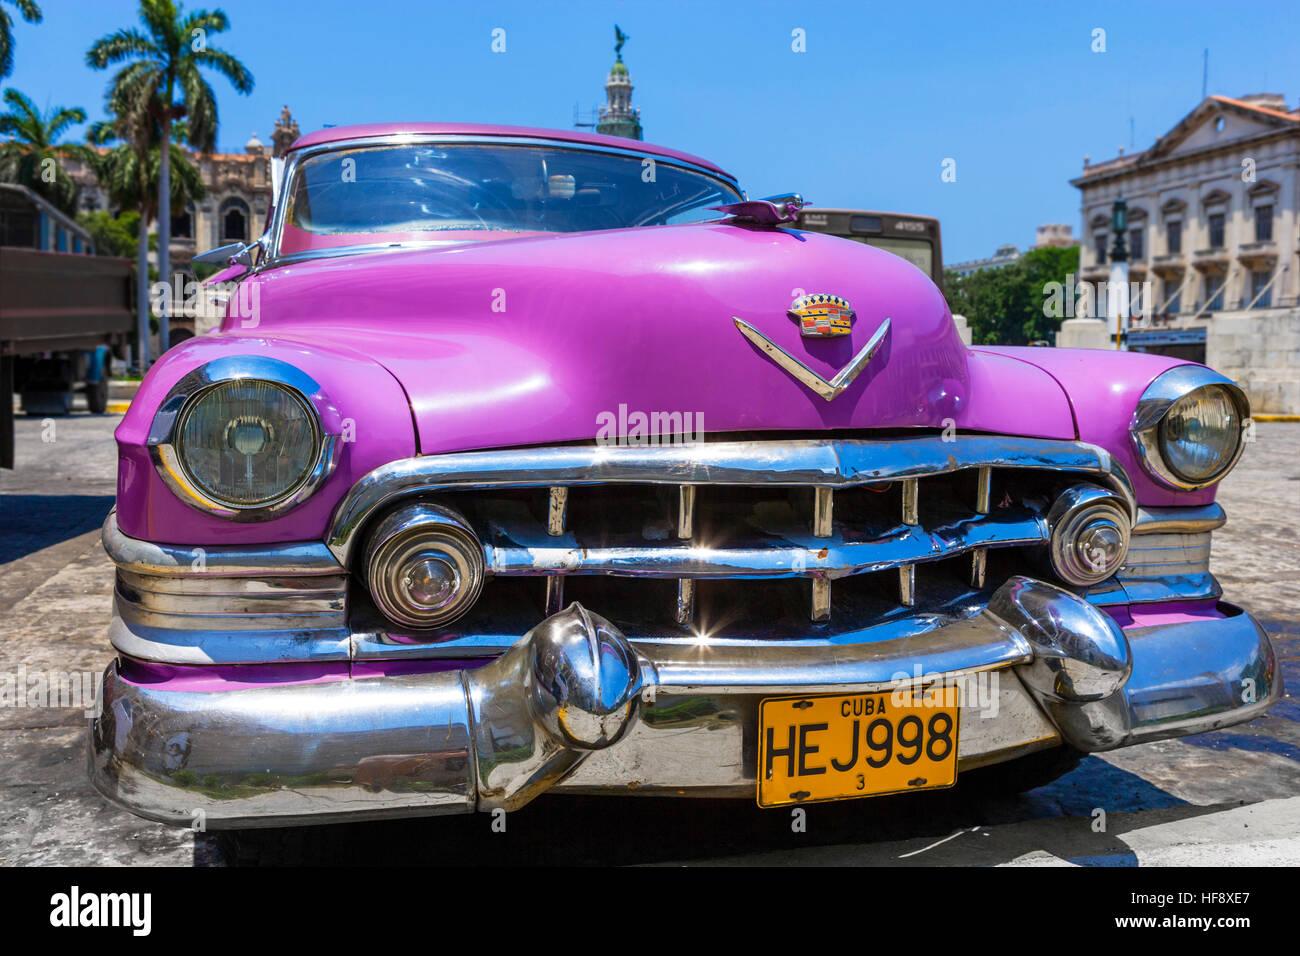 Cuba, voiture. Vieille voiture américaine à La Havane, Cuba Photo Stock